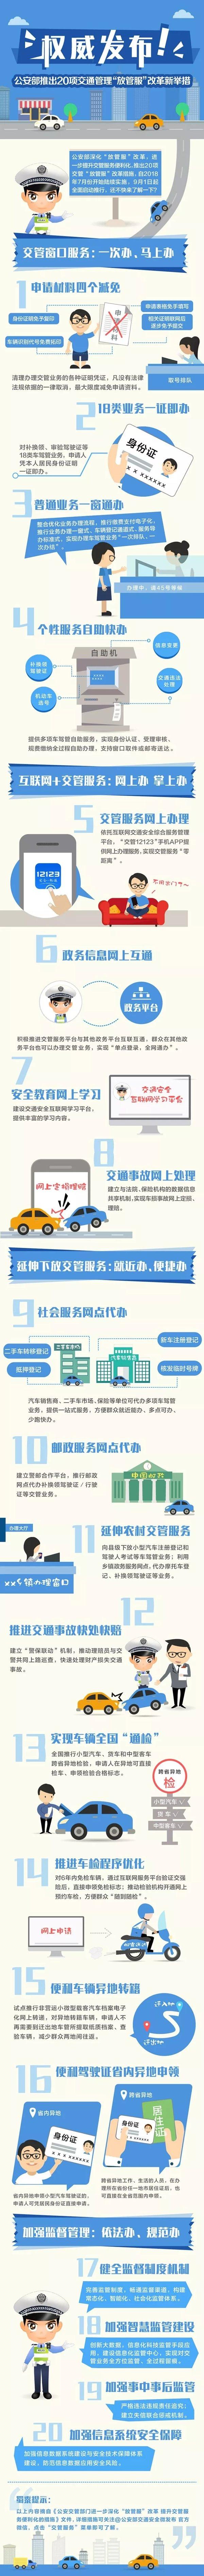 物流人注意:公安部推出20项交通管理改革新举措!9月1日推行